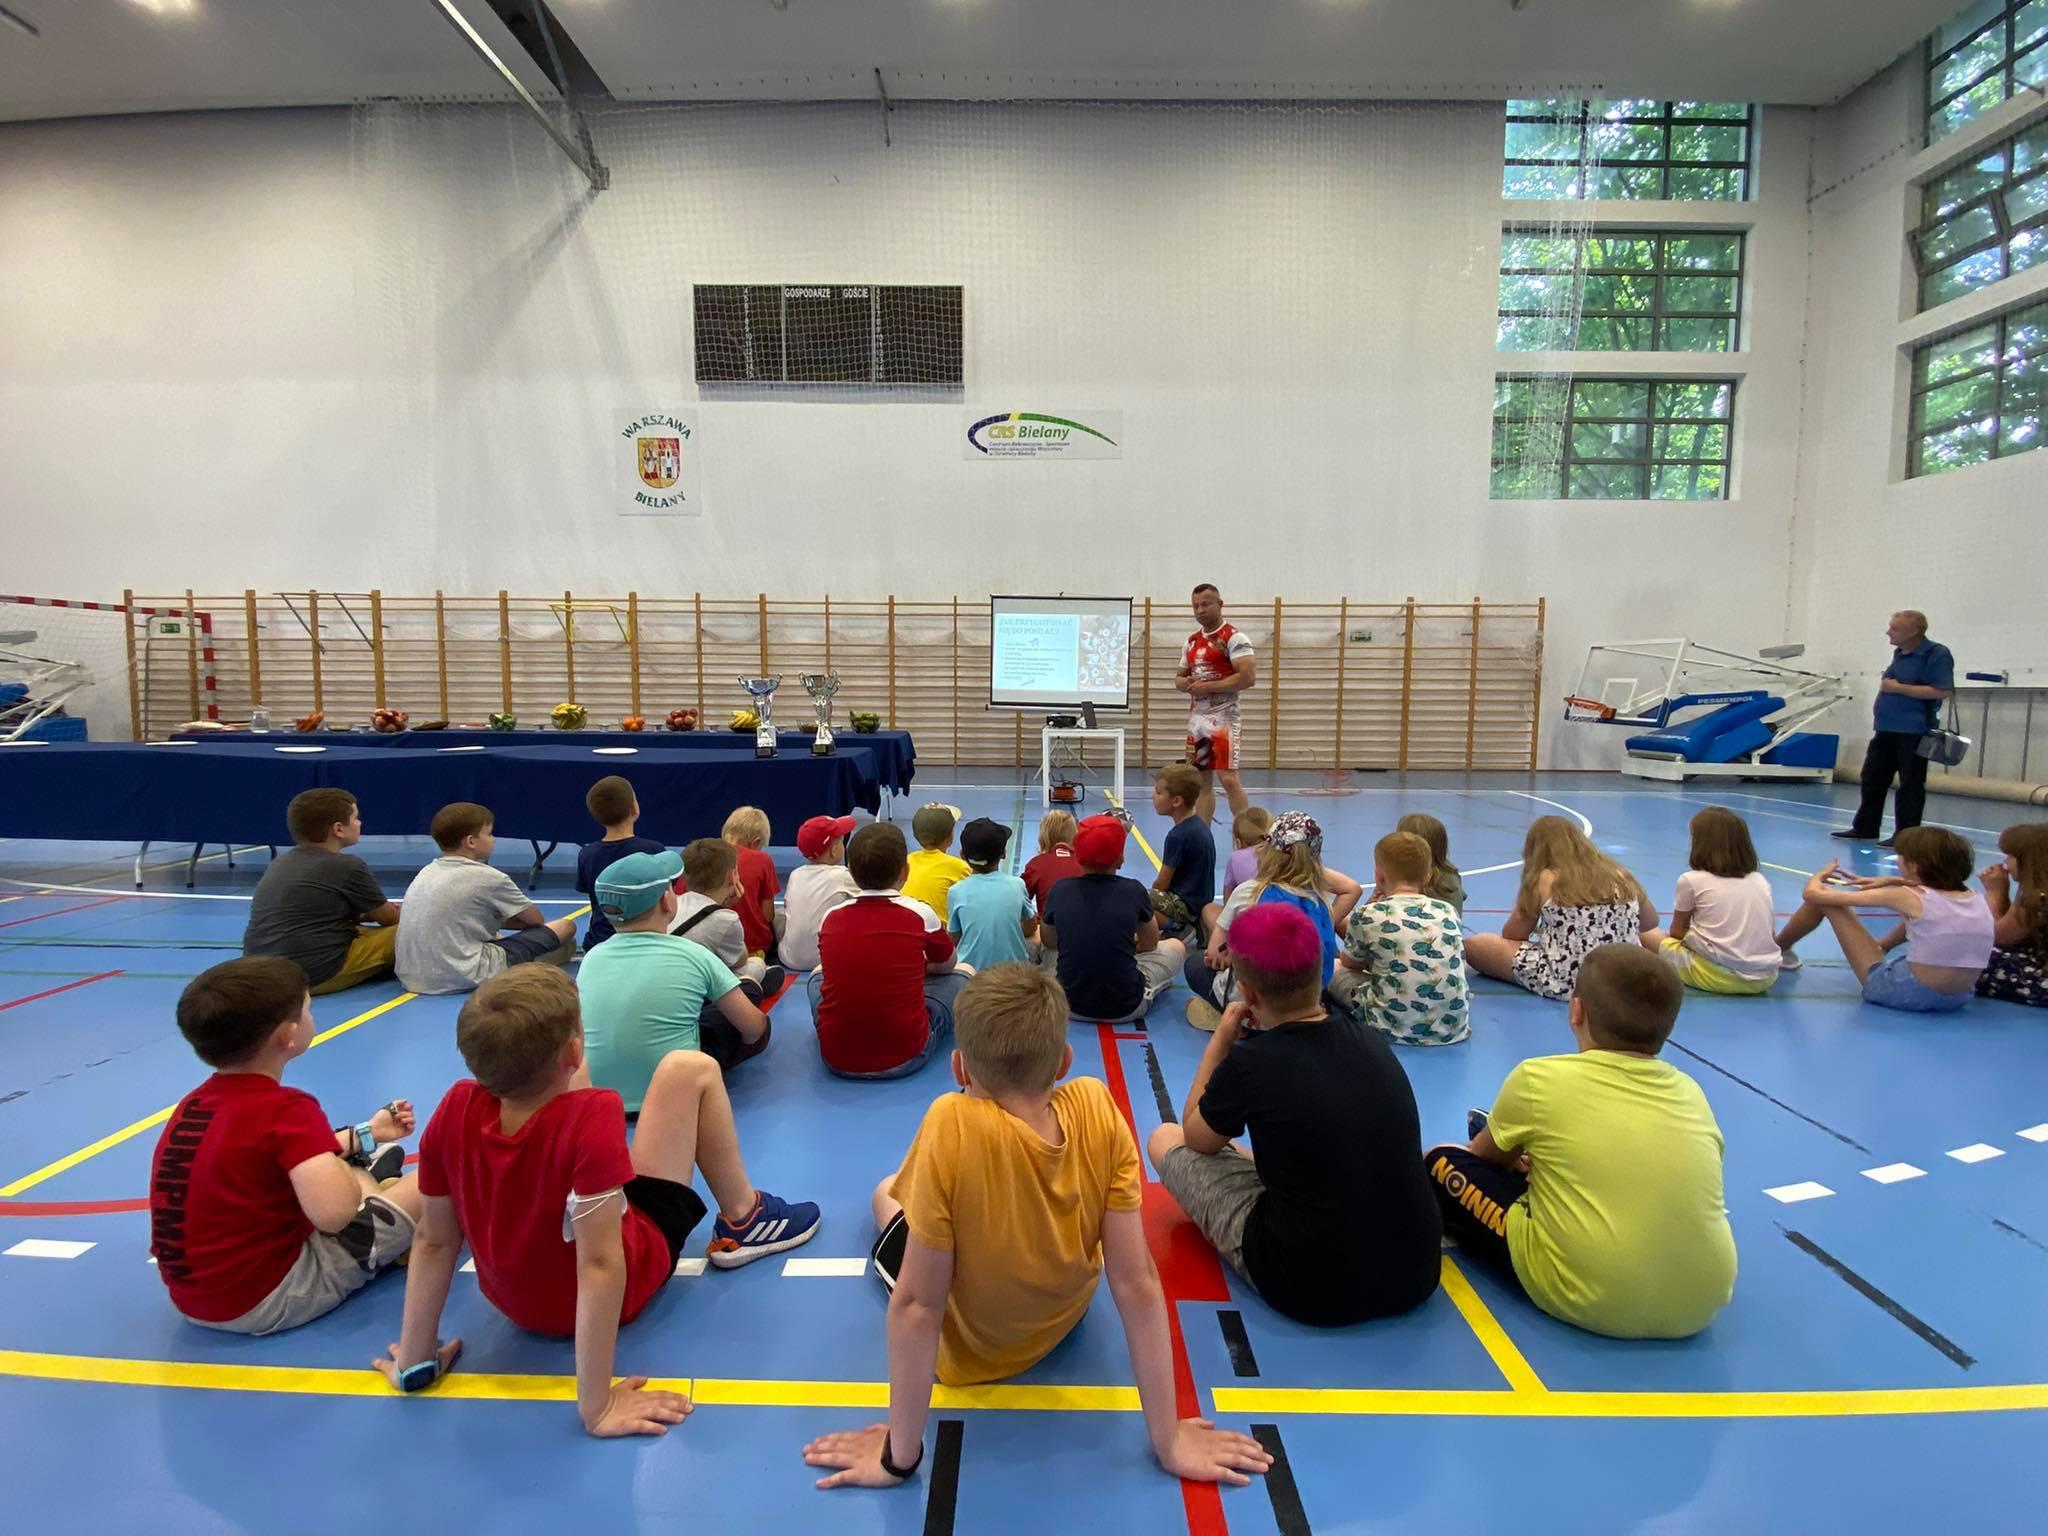 Grupa dzieci słuchających pogadanki na hali sportowej.